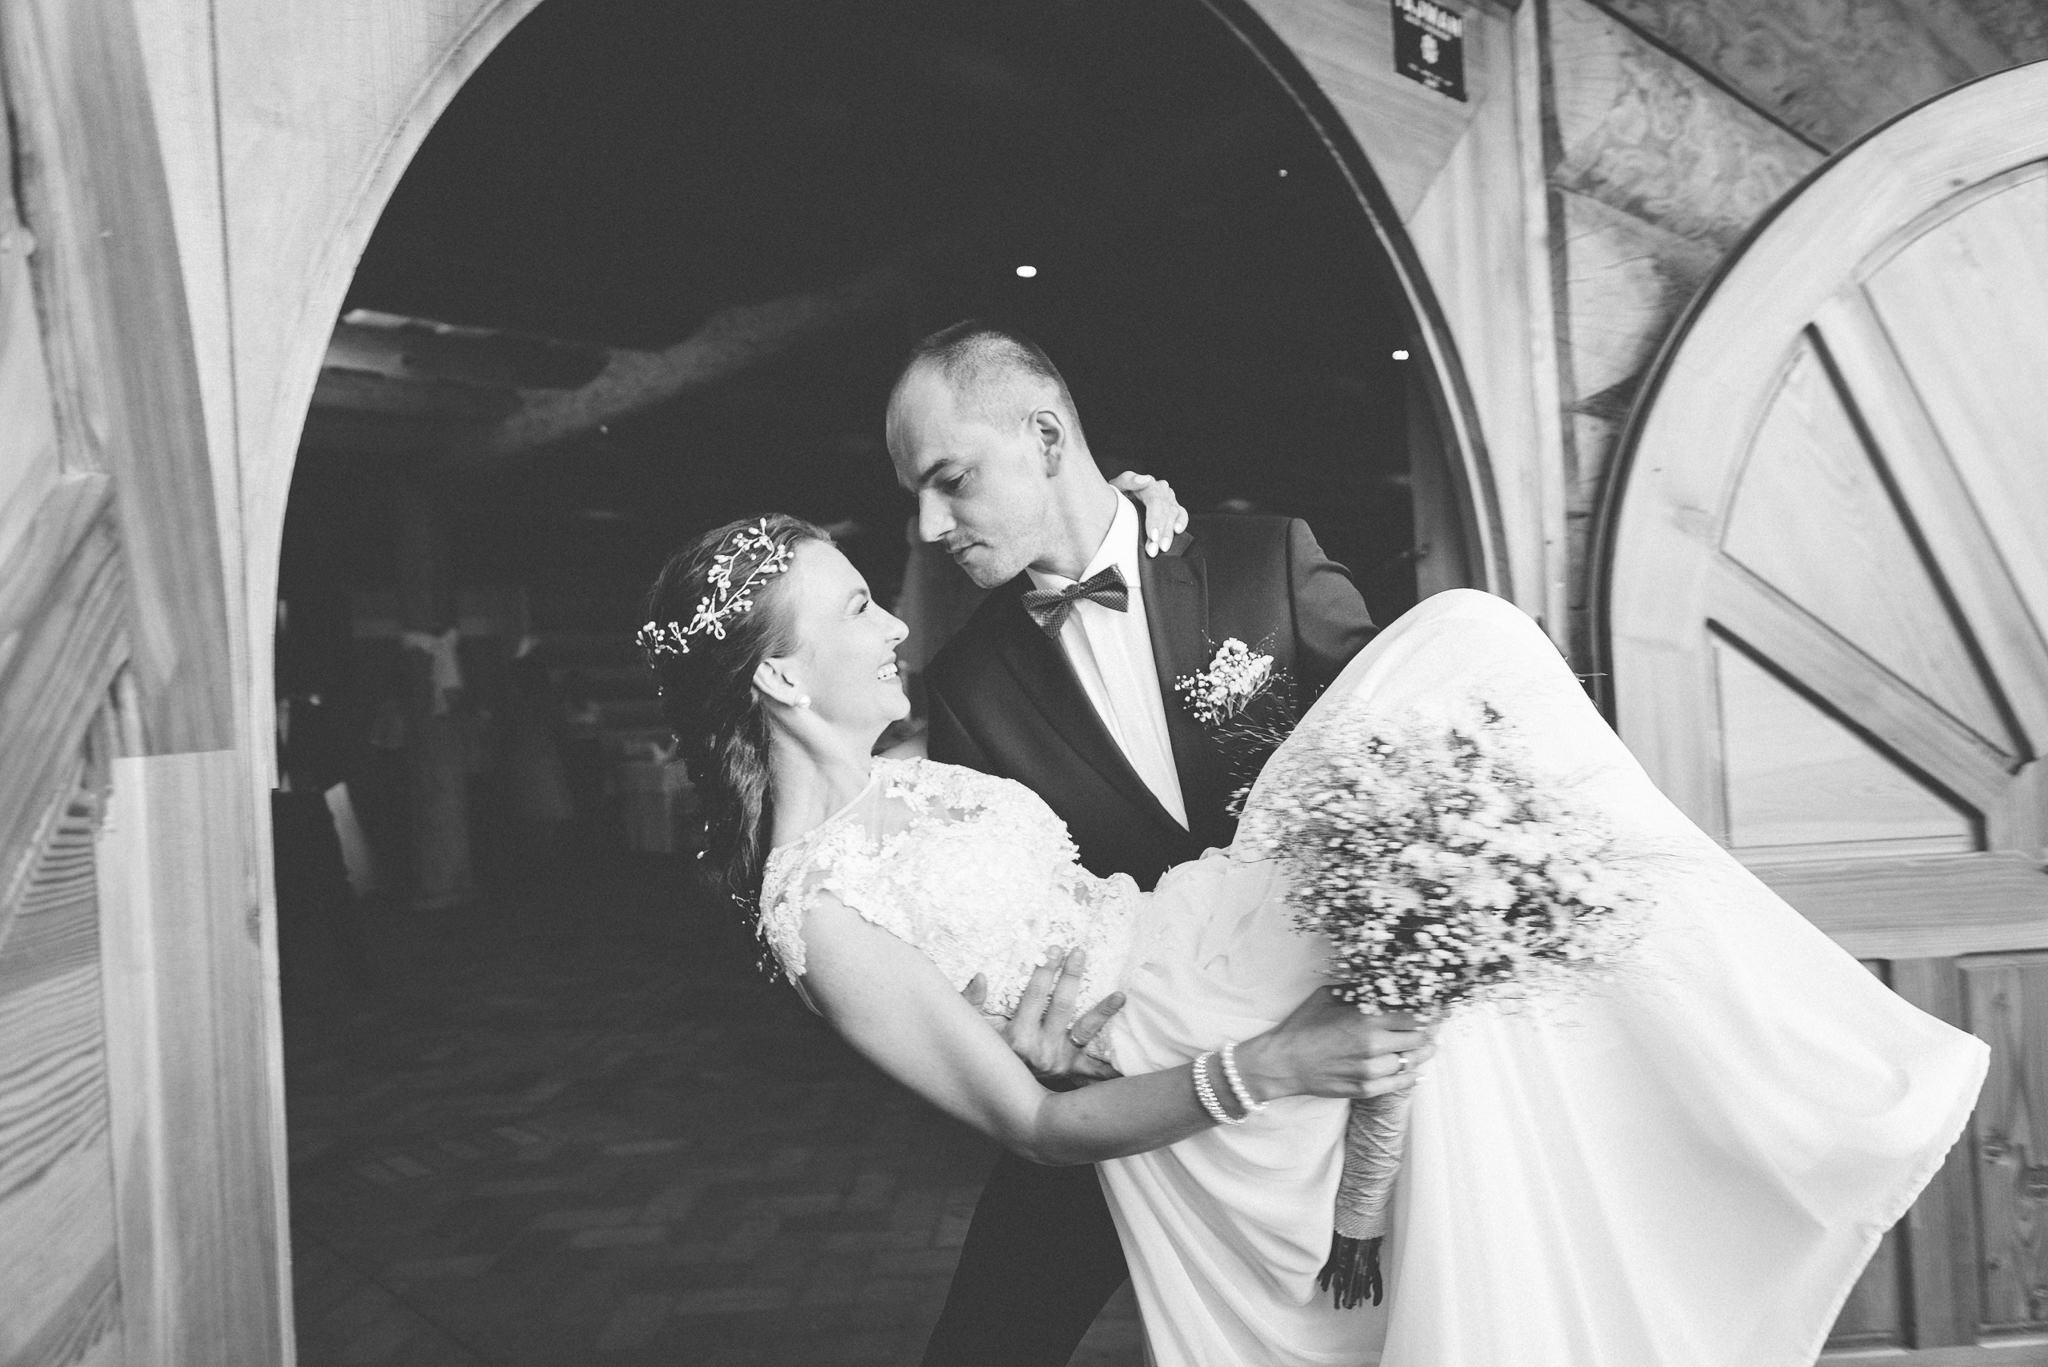 Ala i Arek, czyli jak zorganizować ślub i wesele w 4 tygodnie! 165